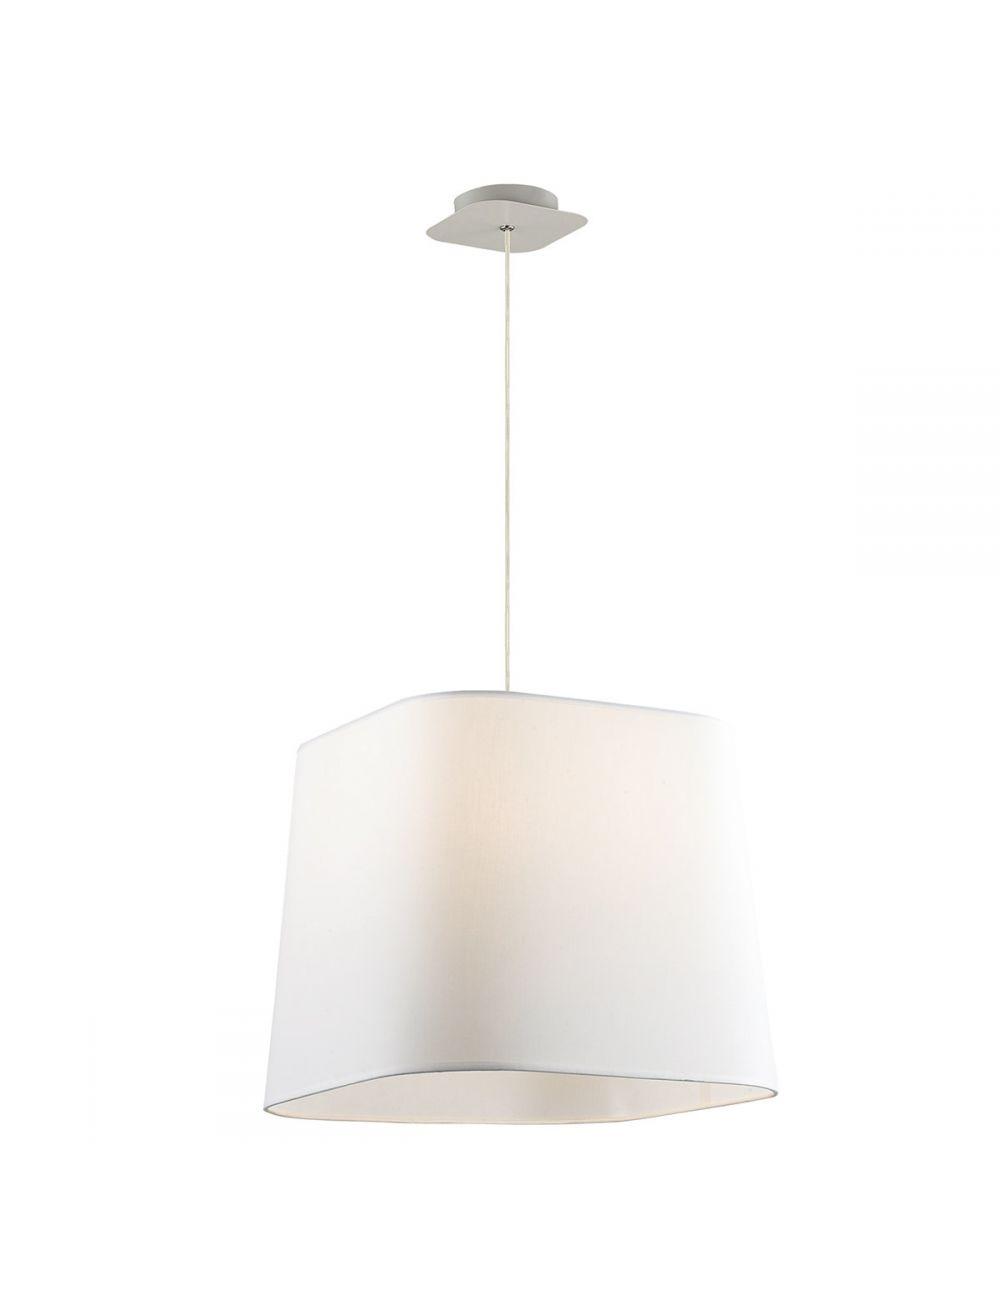 Lampa wisząca z abażurem biała Mito Italux MA04581C-001-01